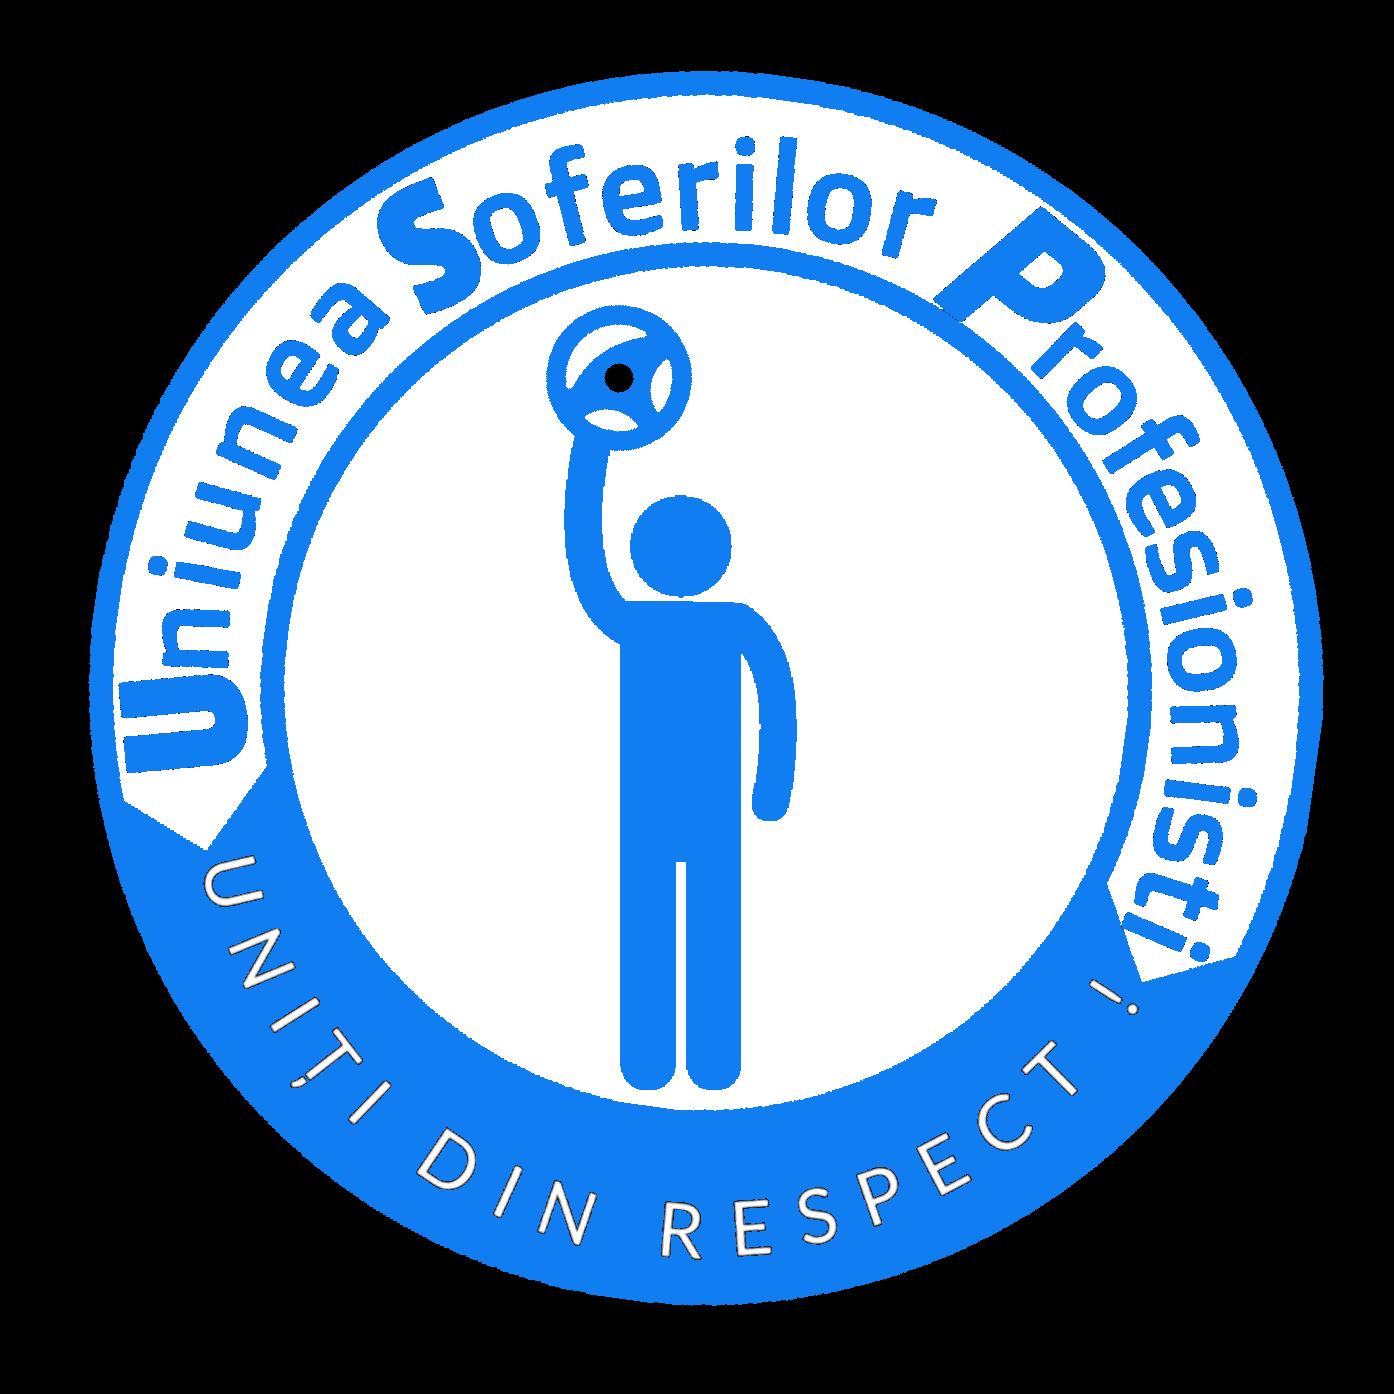 USP - Uniunea Șoferilor Profesioniști